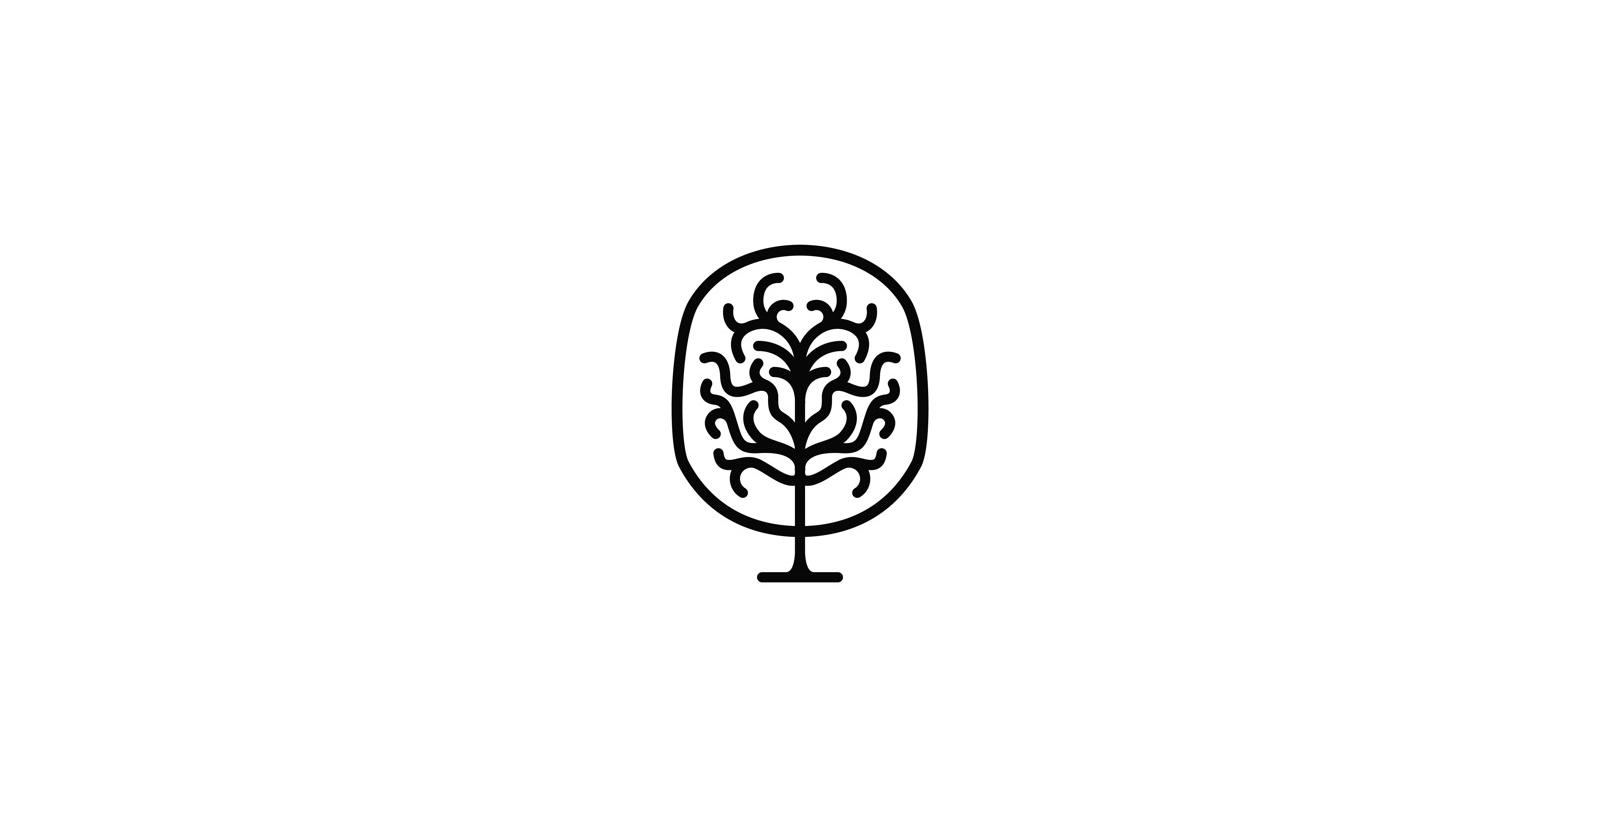 50_logos-09